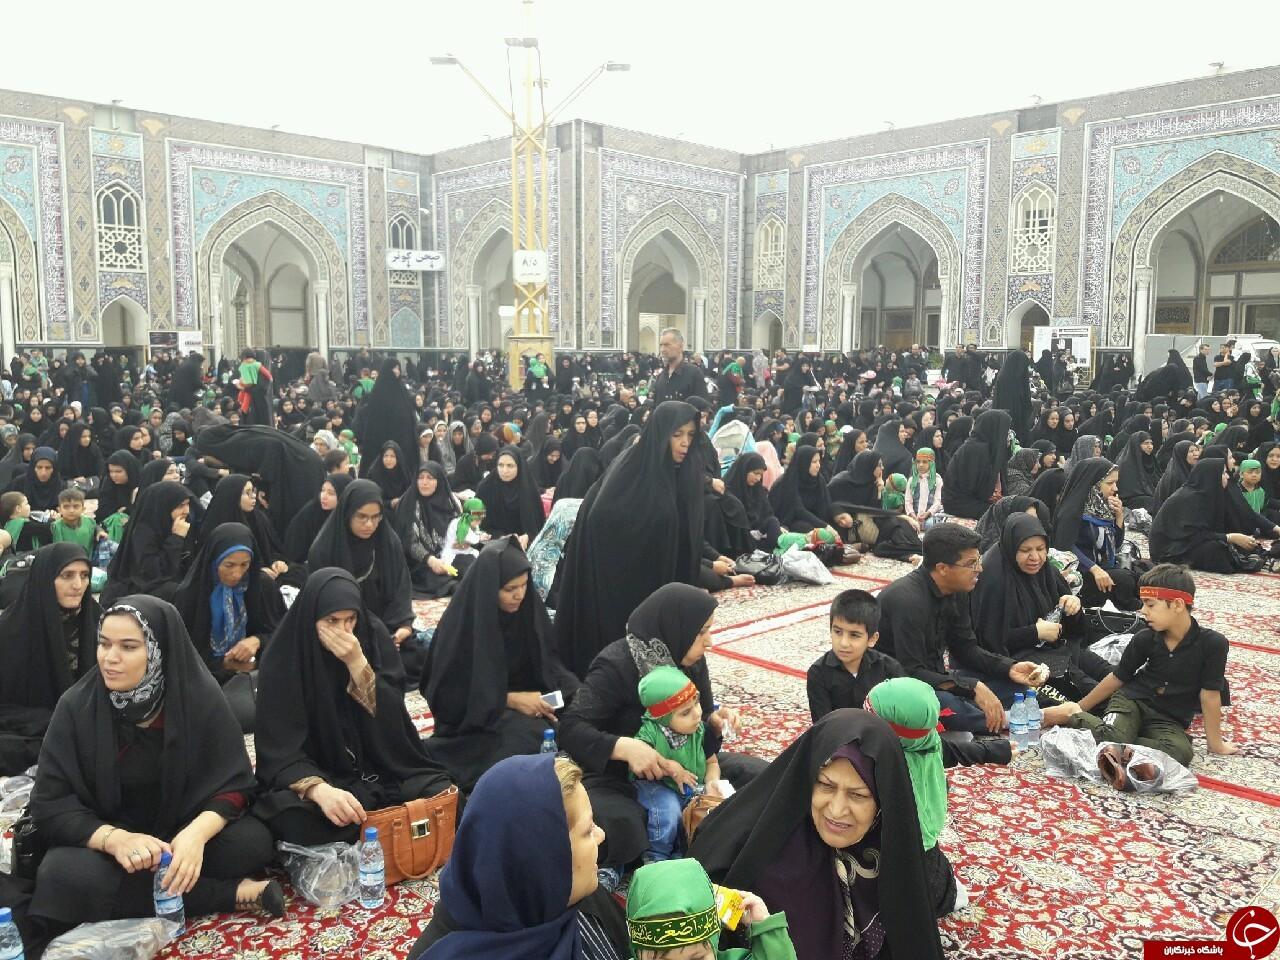 باشکوهترین محفل شیرخوارگان حسینی در حرم مطهر رضوی آغاز شد+تصاویر